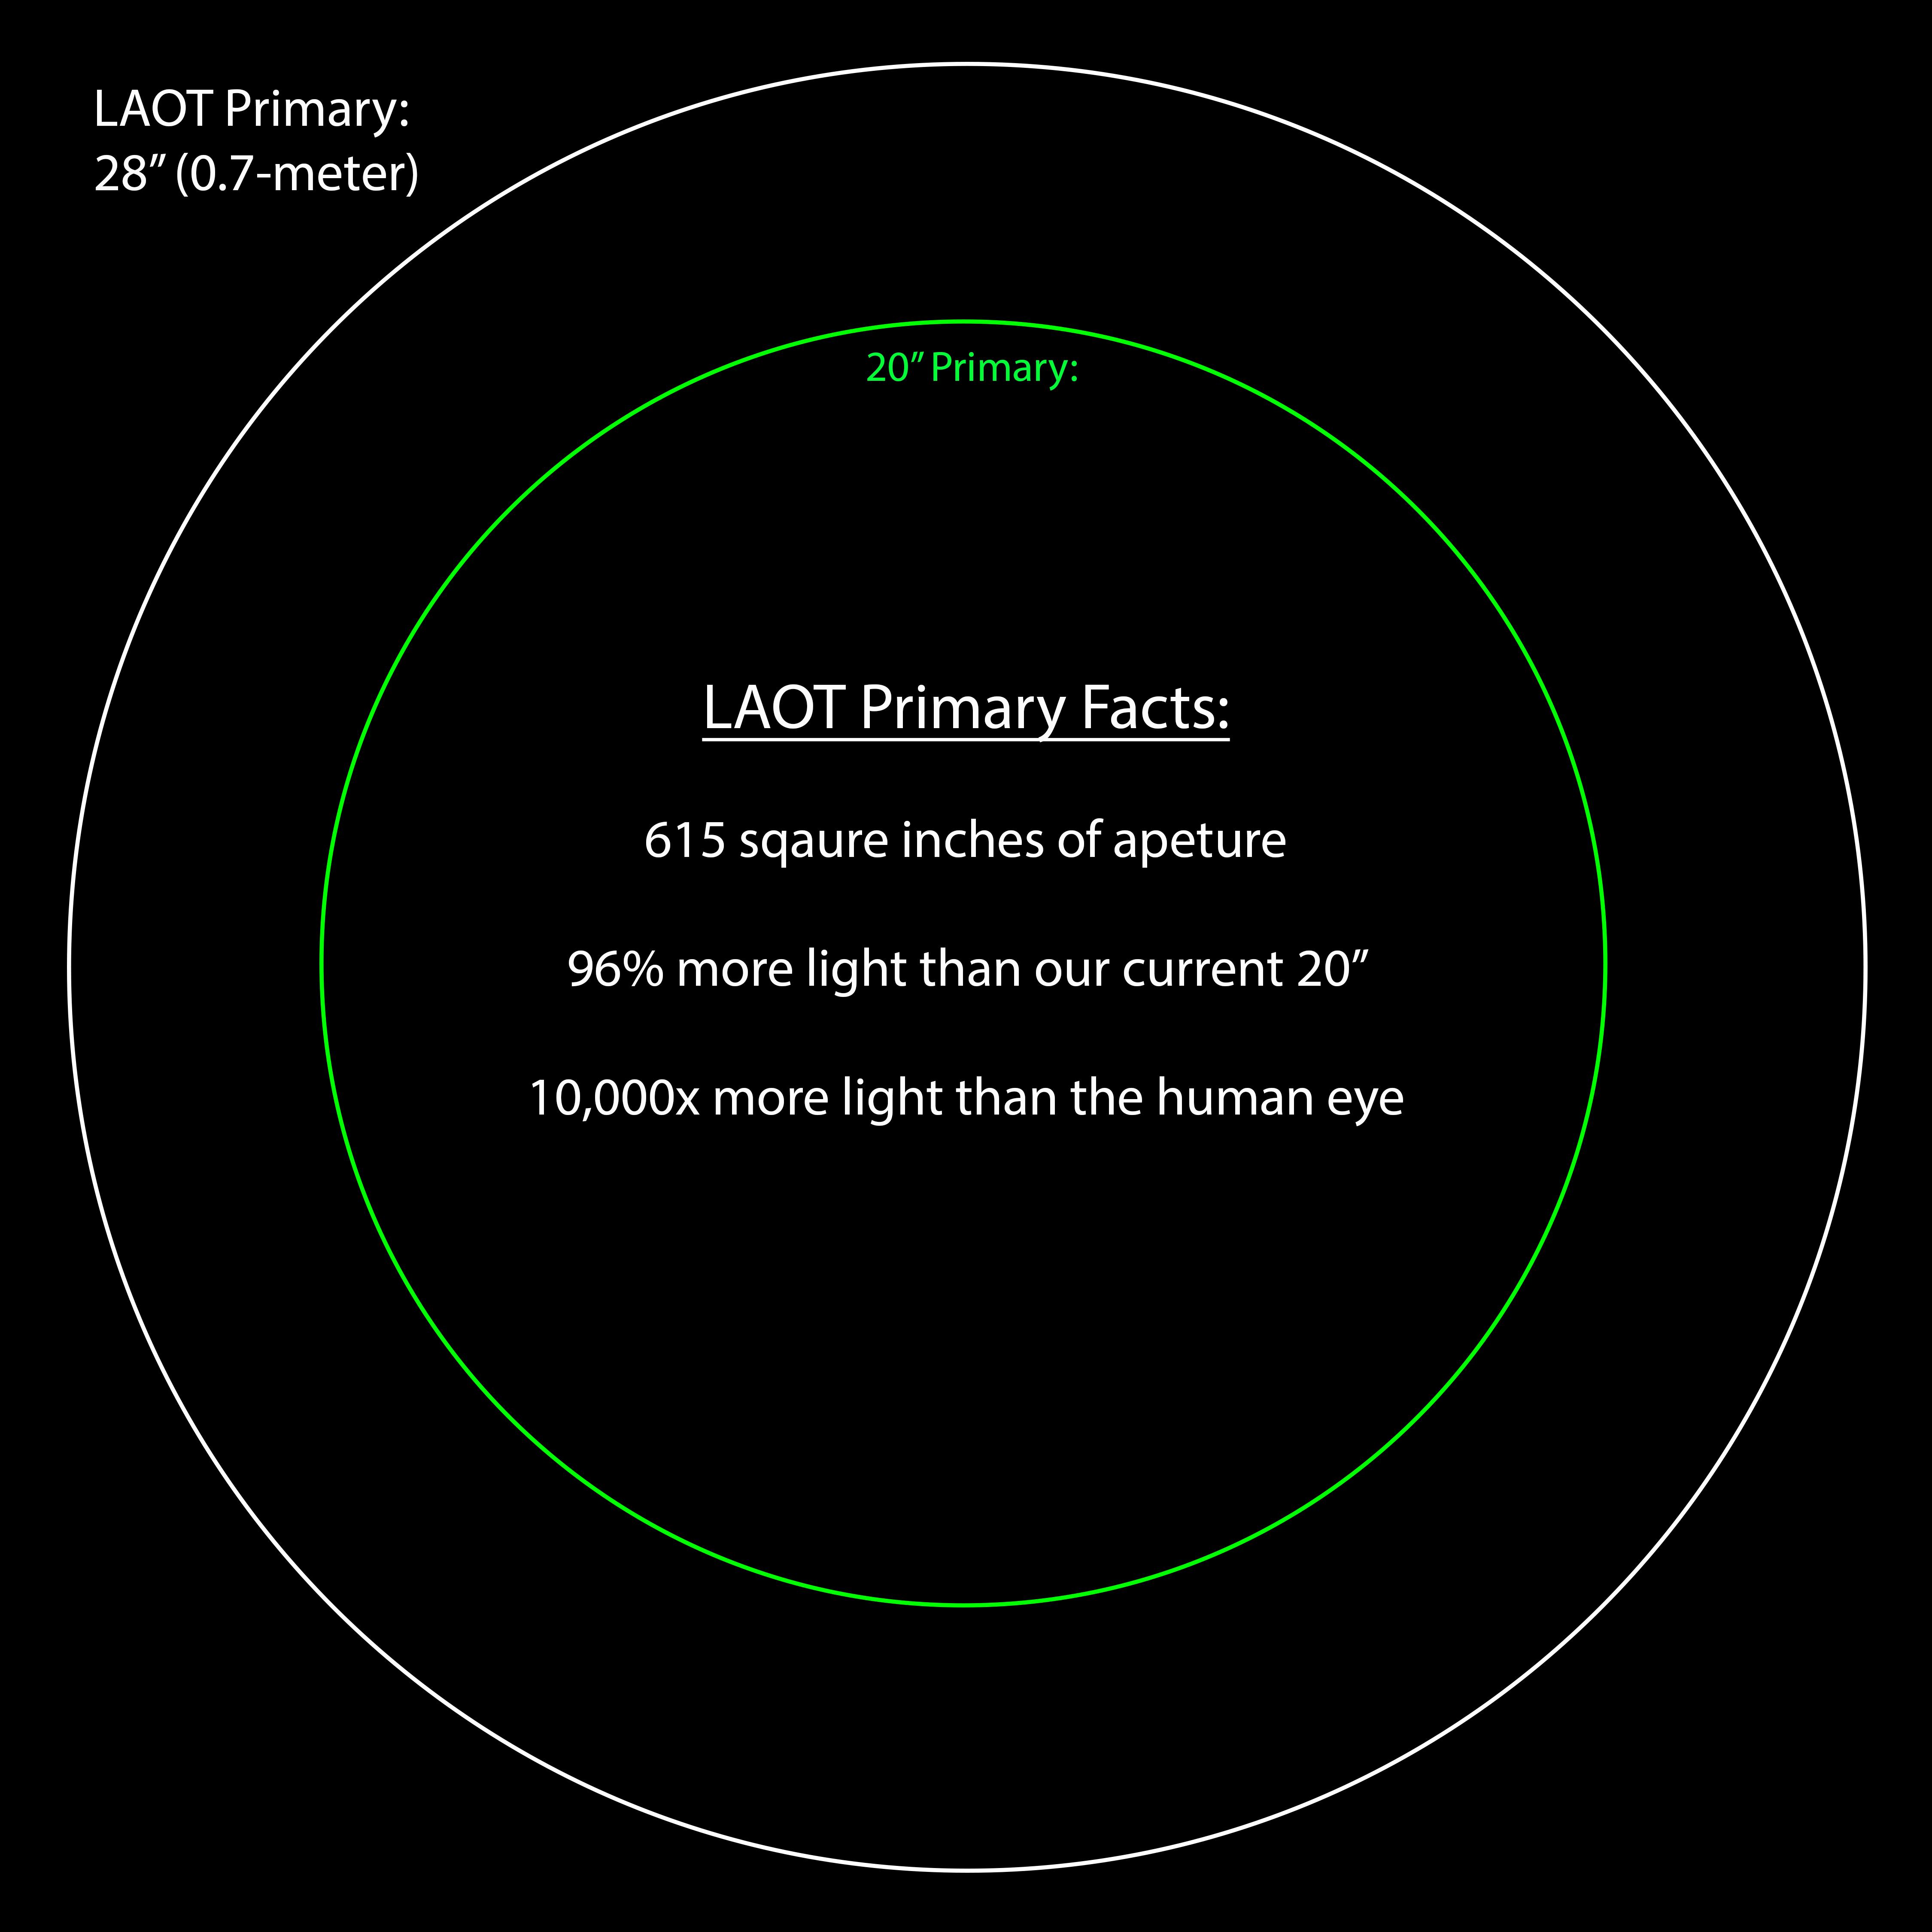 LAOT Primary